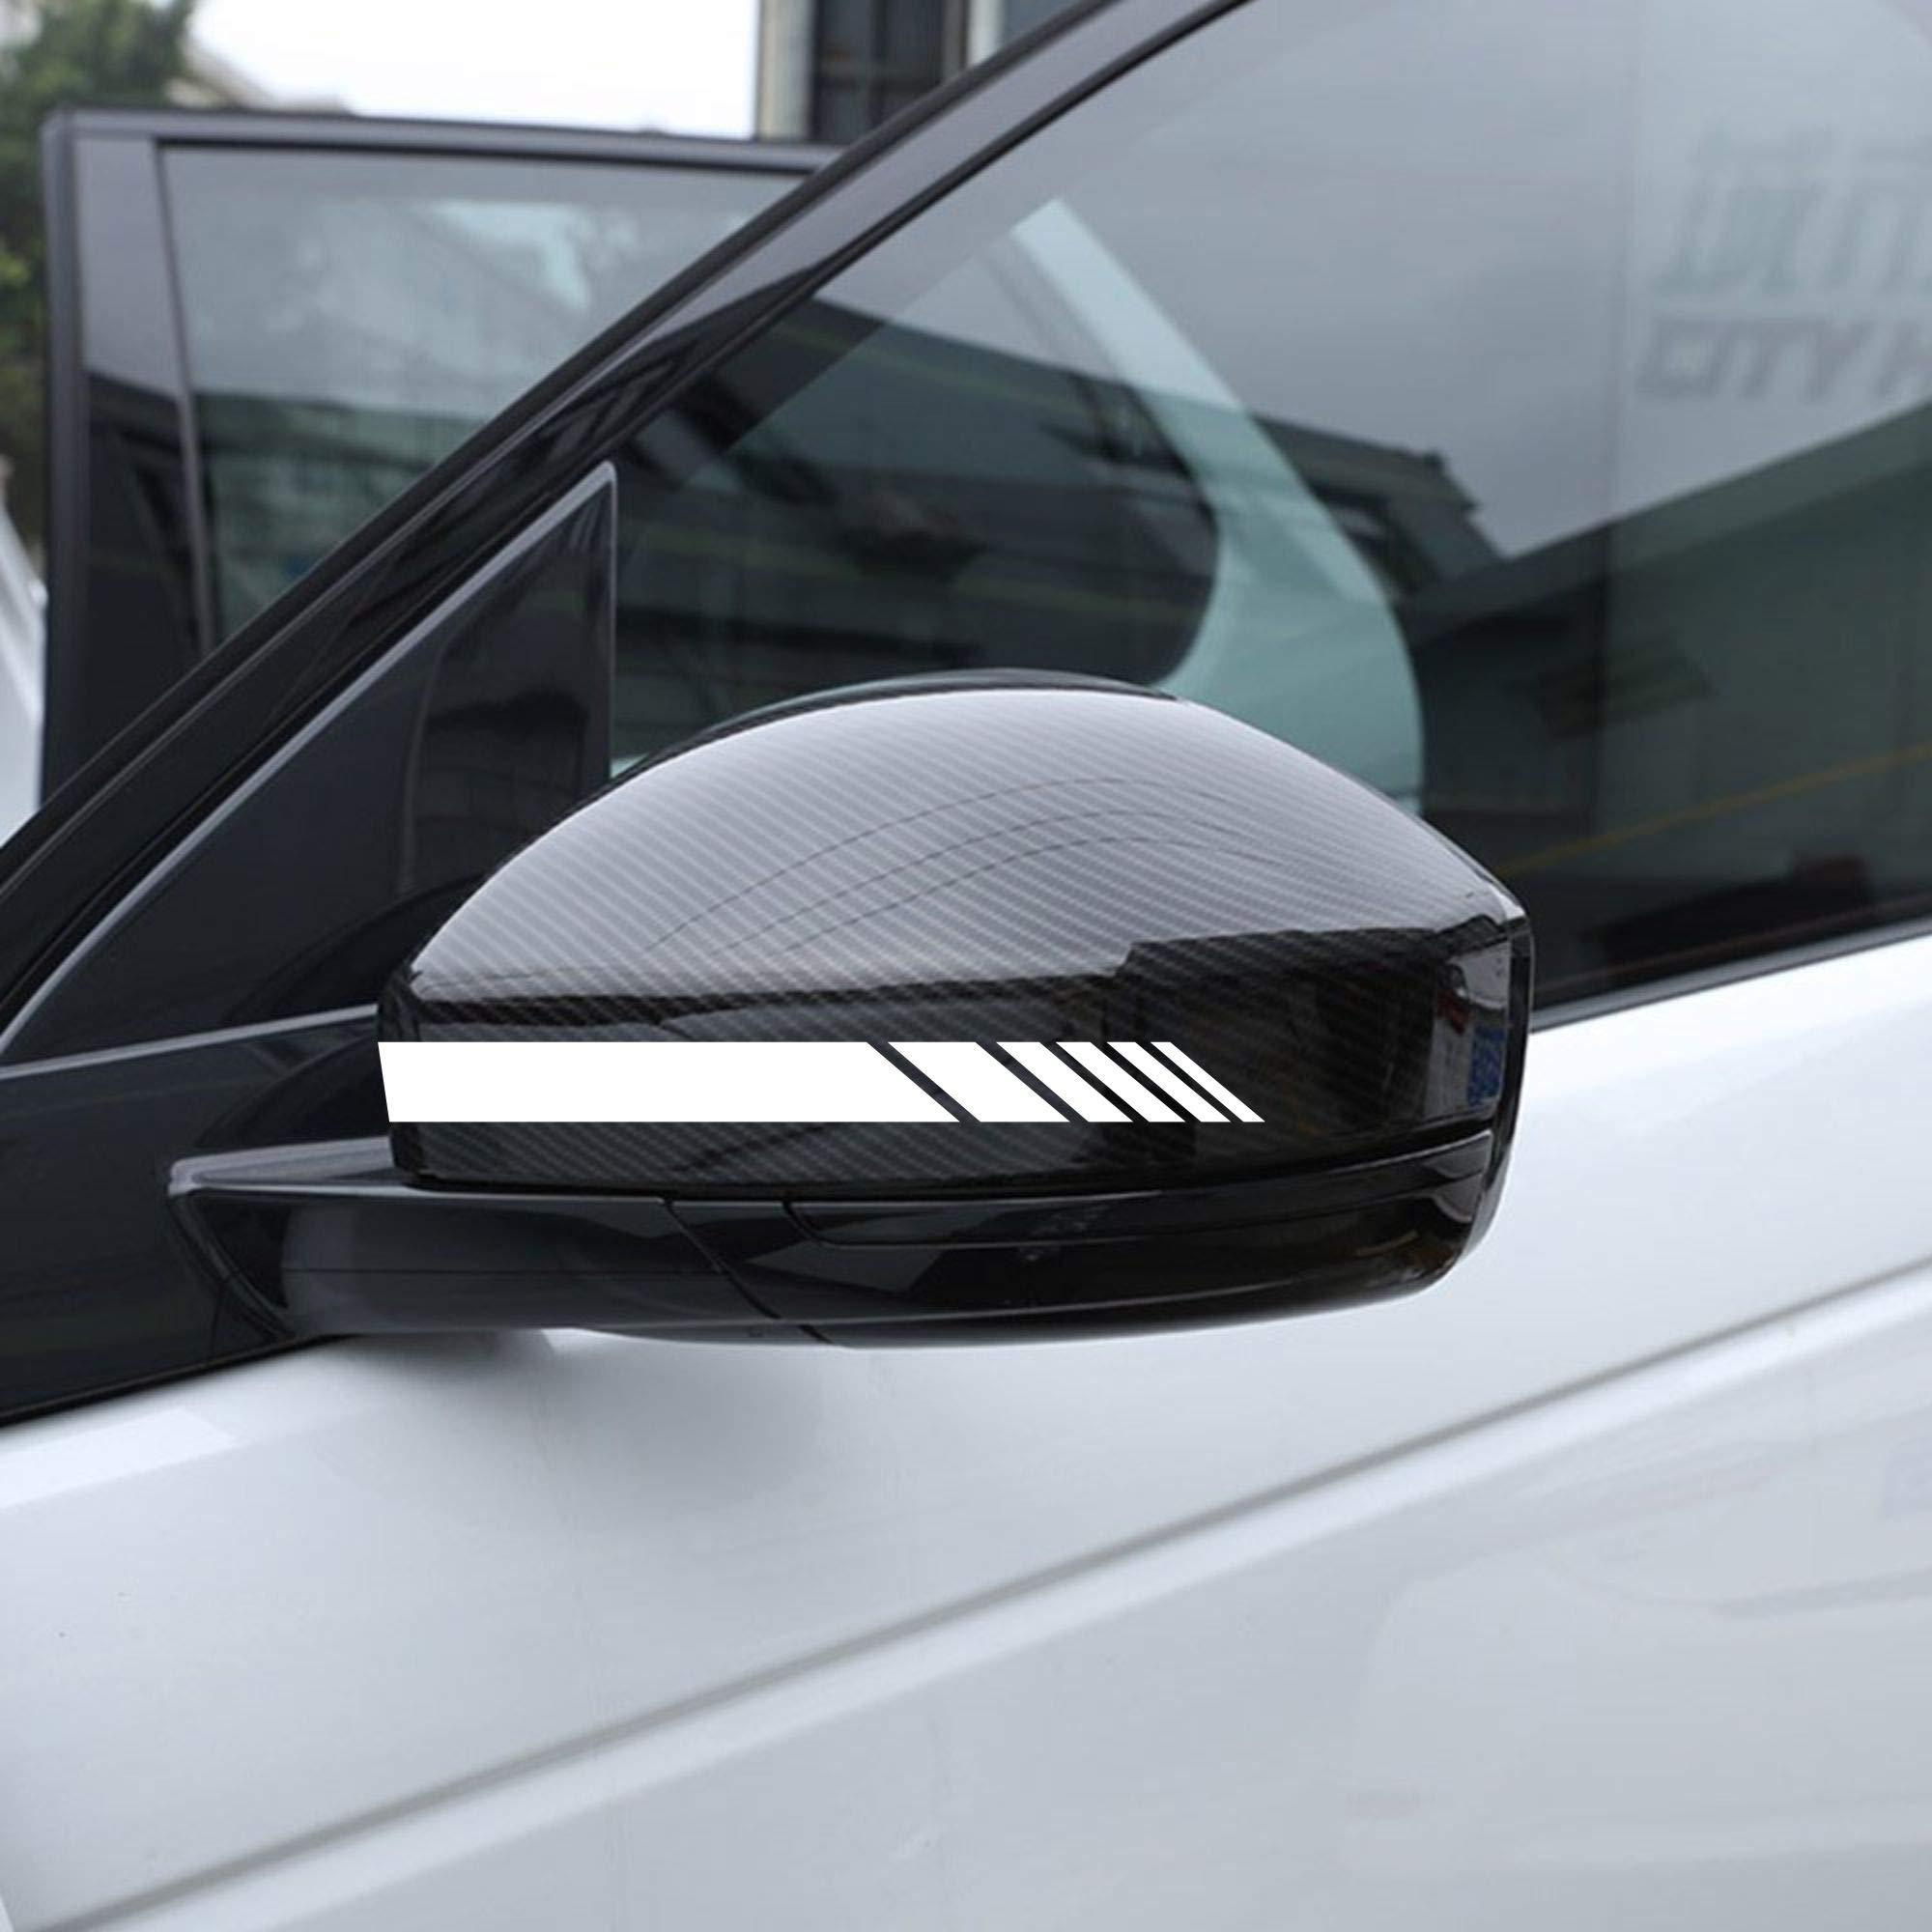 Autodomy Pegatinas Espejo Retrovisor Coche con Diseño de Franjas Rayas Pack de 6 Unidades con Diferentes anchuras para Coche (Blanco): Amazon.es: Coche y moto